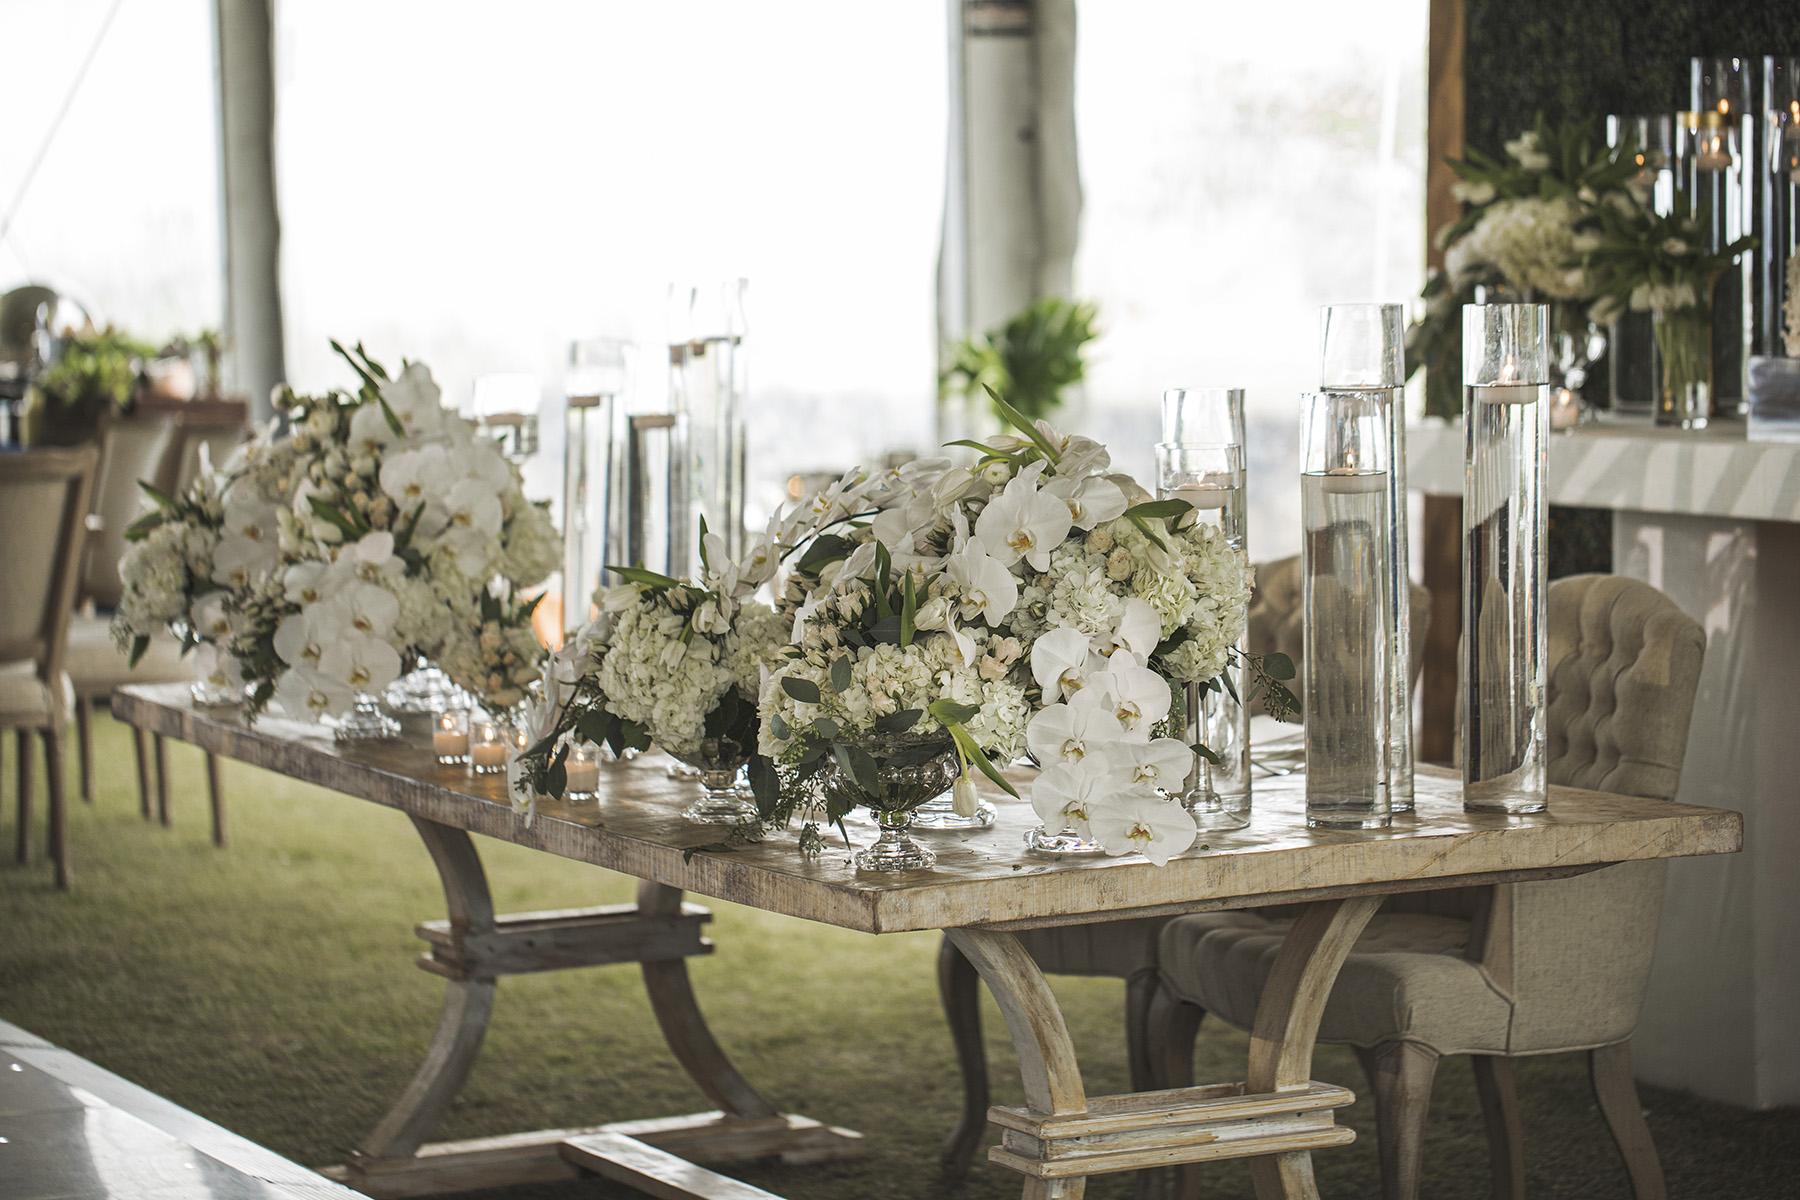 La decoración con maderas rústicas claras, orquídeas, hortensias blancas y follaje, fue obra de Luciano Designers. Fotografía Wedding Mafia.